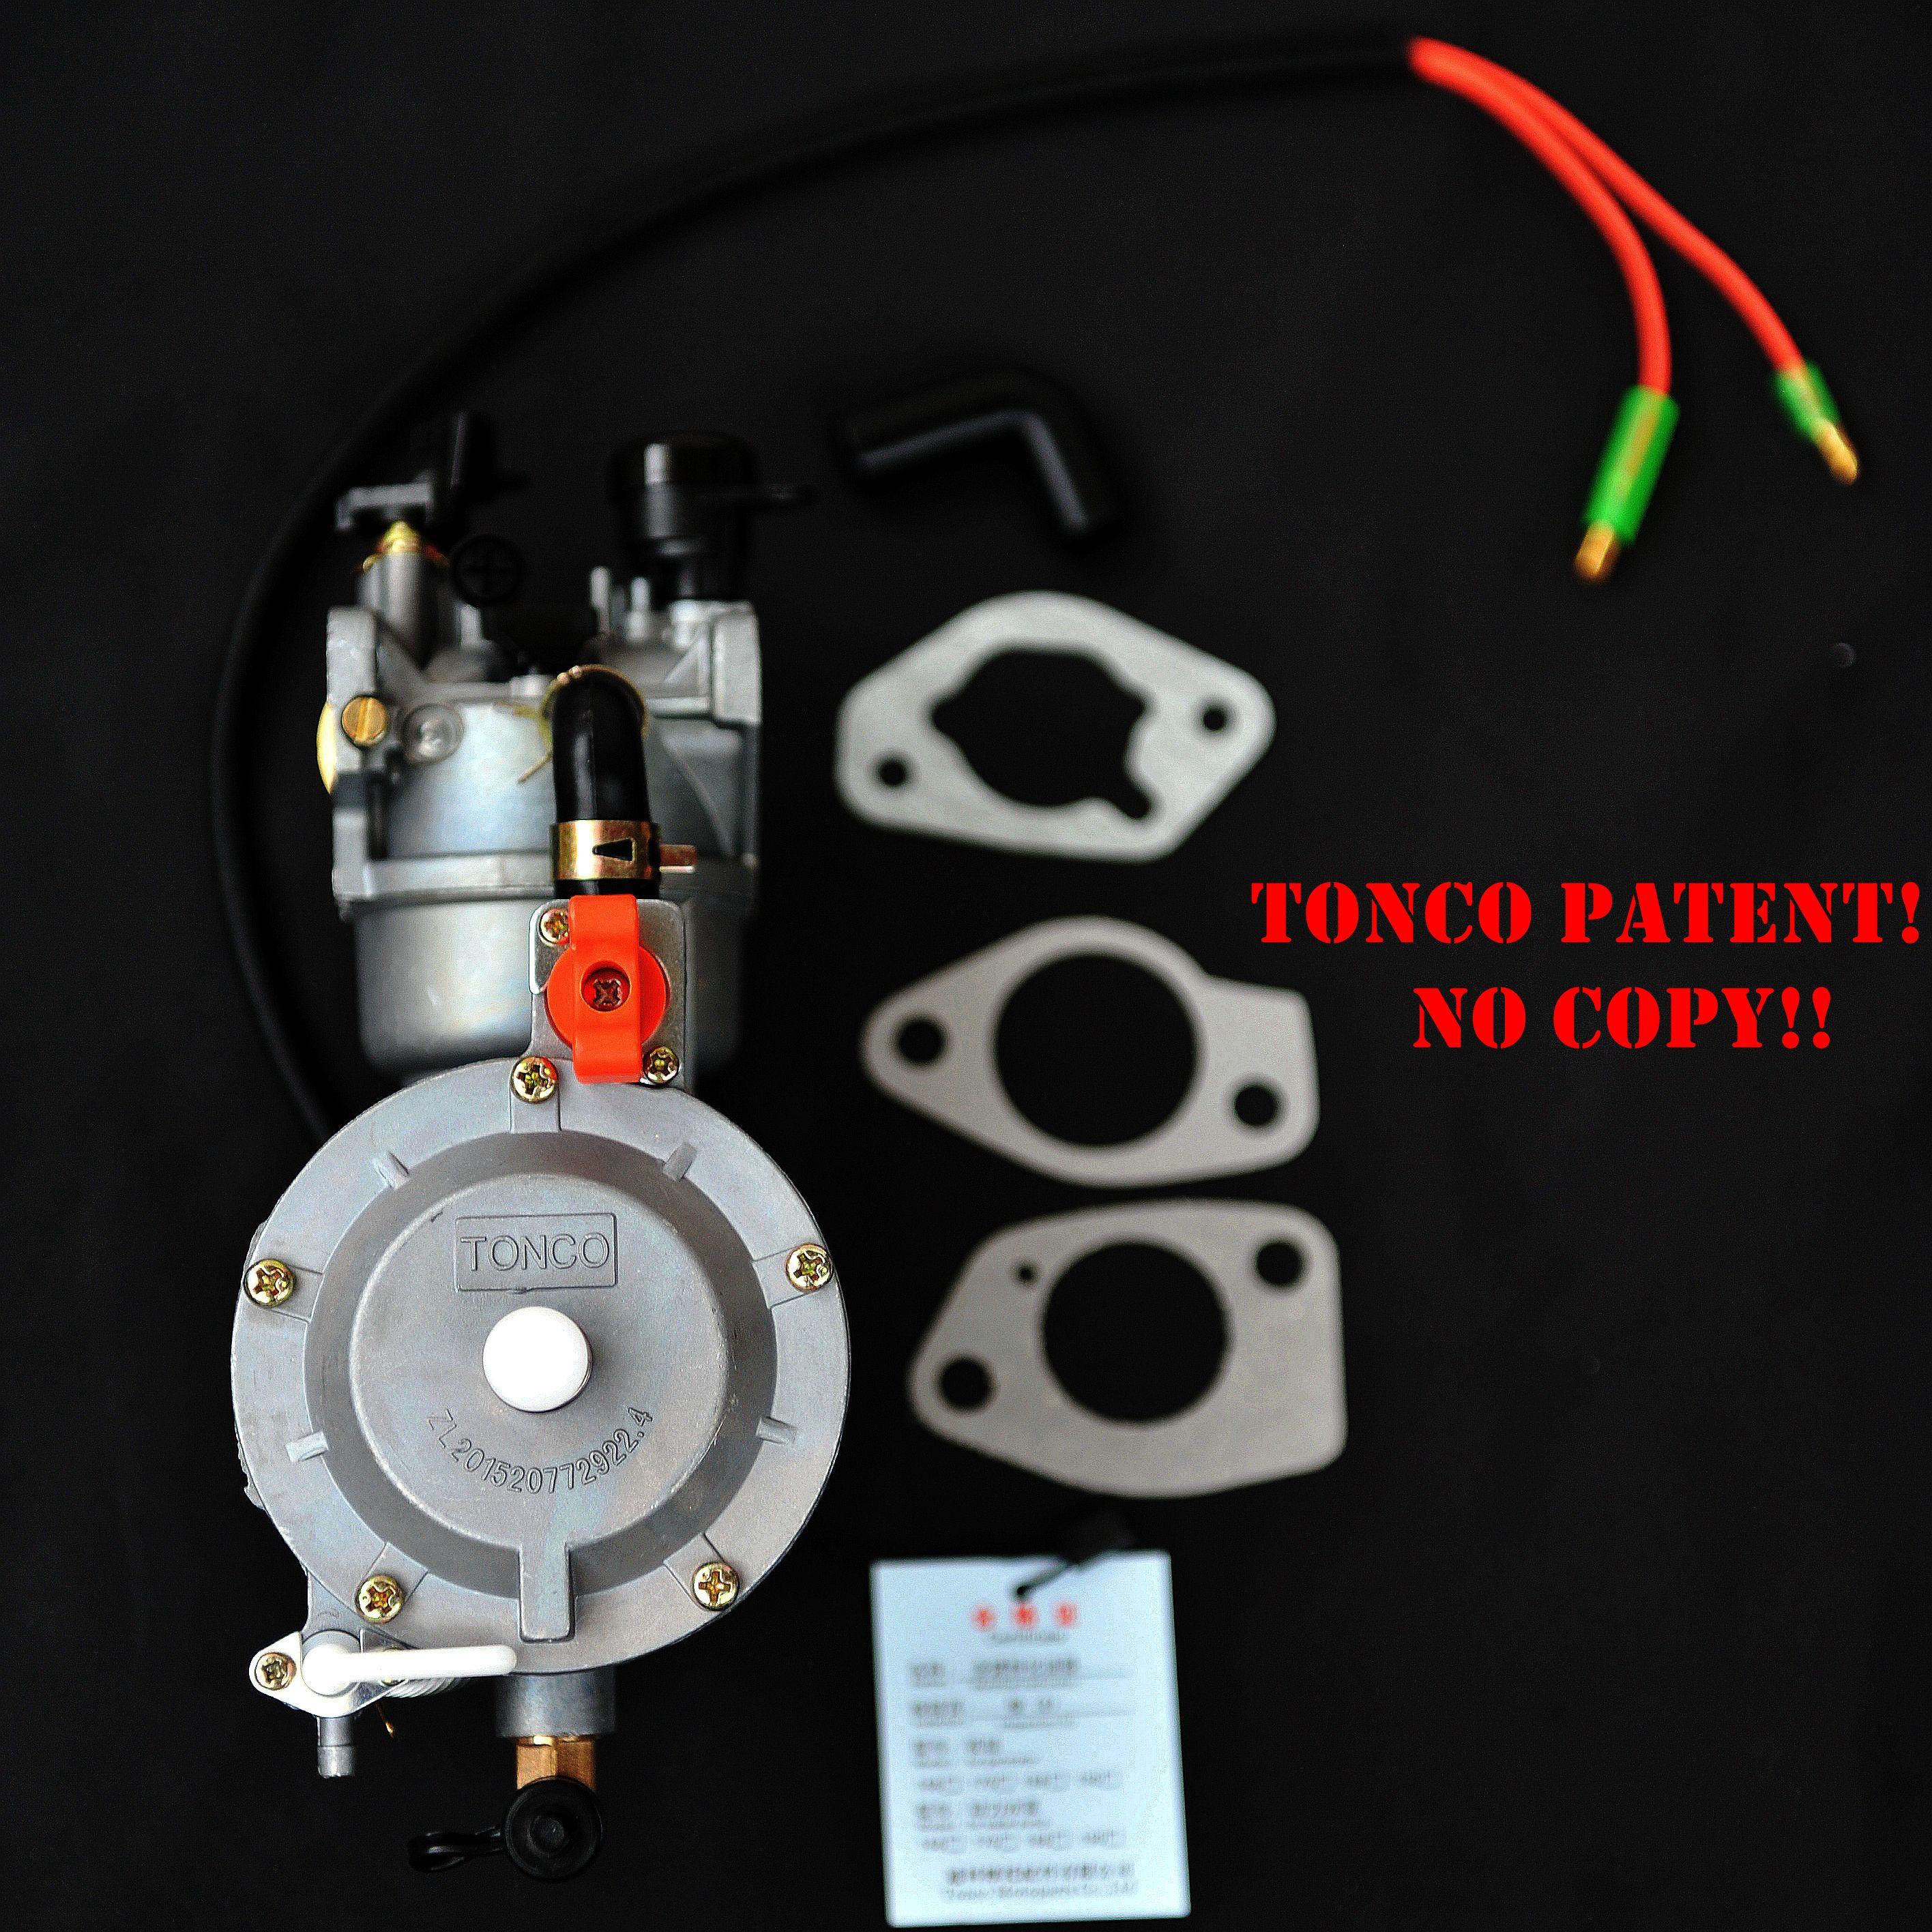 двойное топливо карбюратора с автоматическим дросселем LPG NG конверсионный комплект пропана для бензина generetor гибридного 6KW 6000W 190F